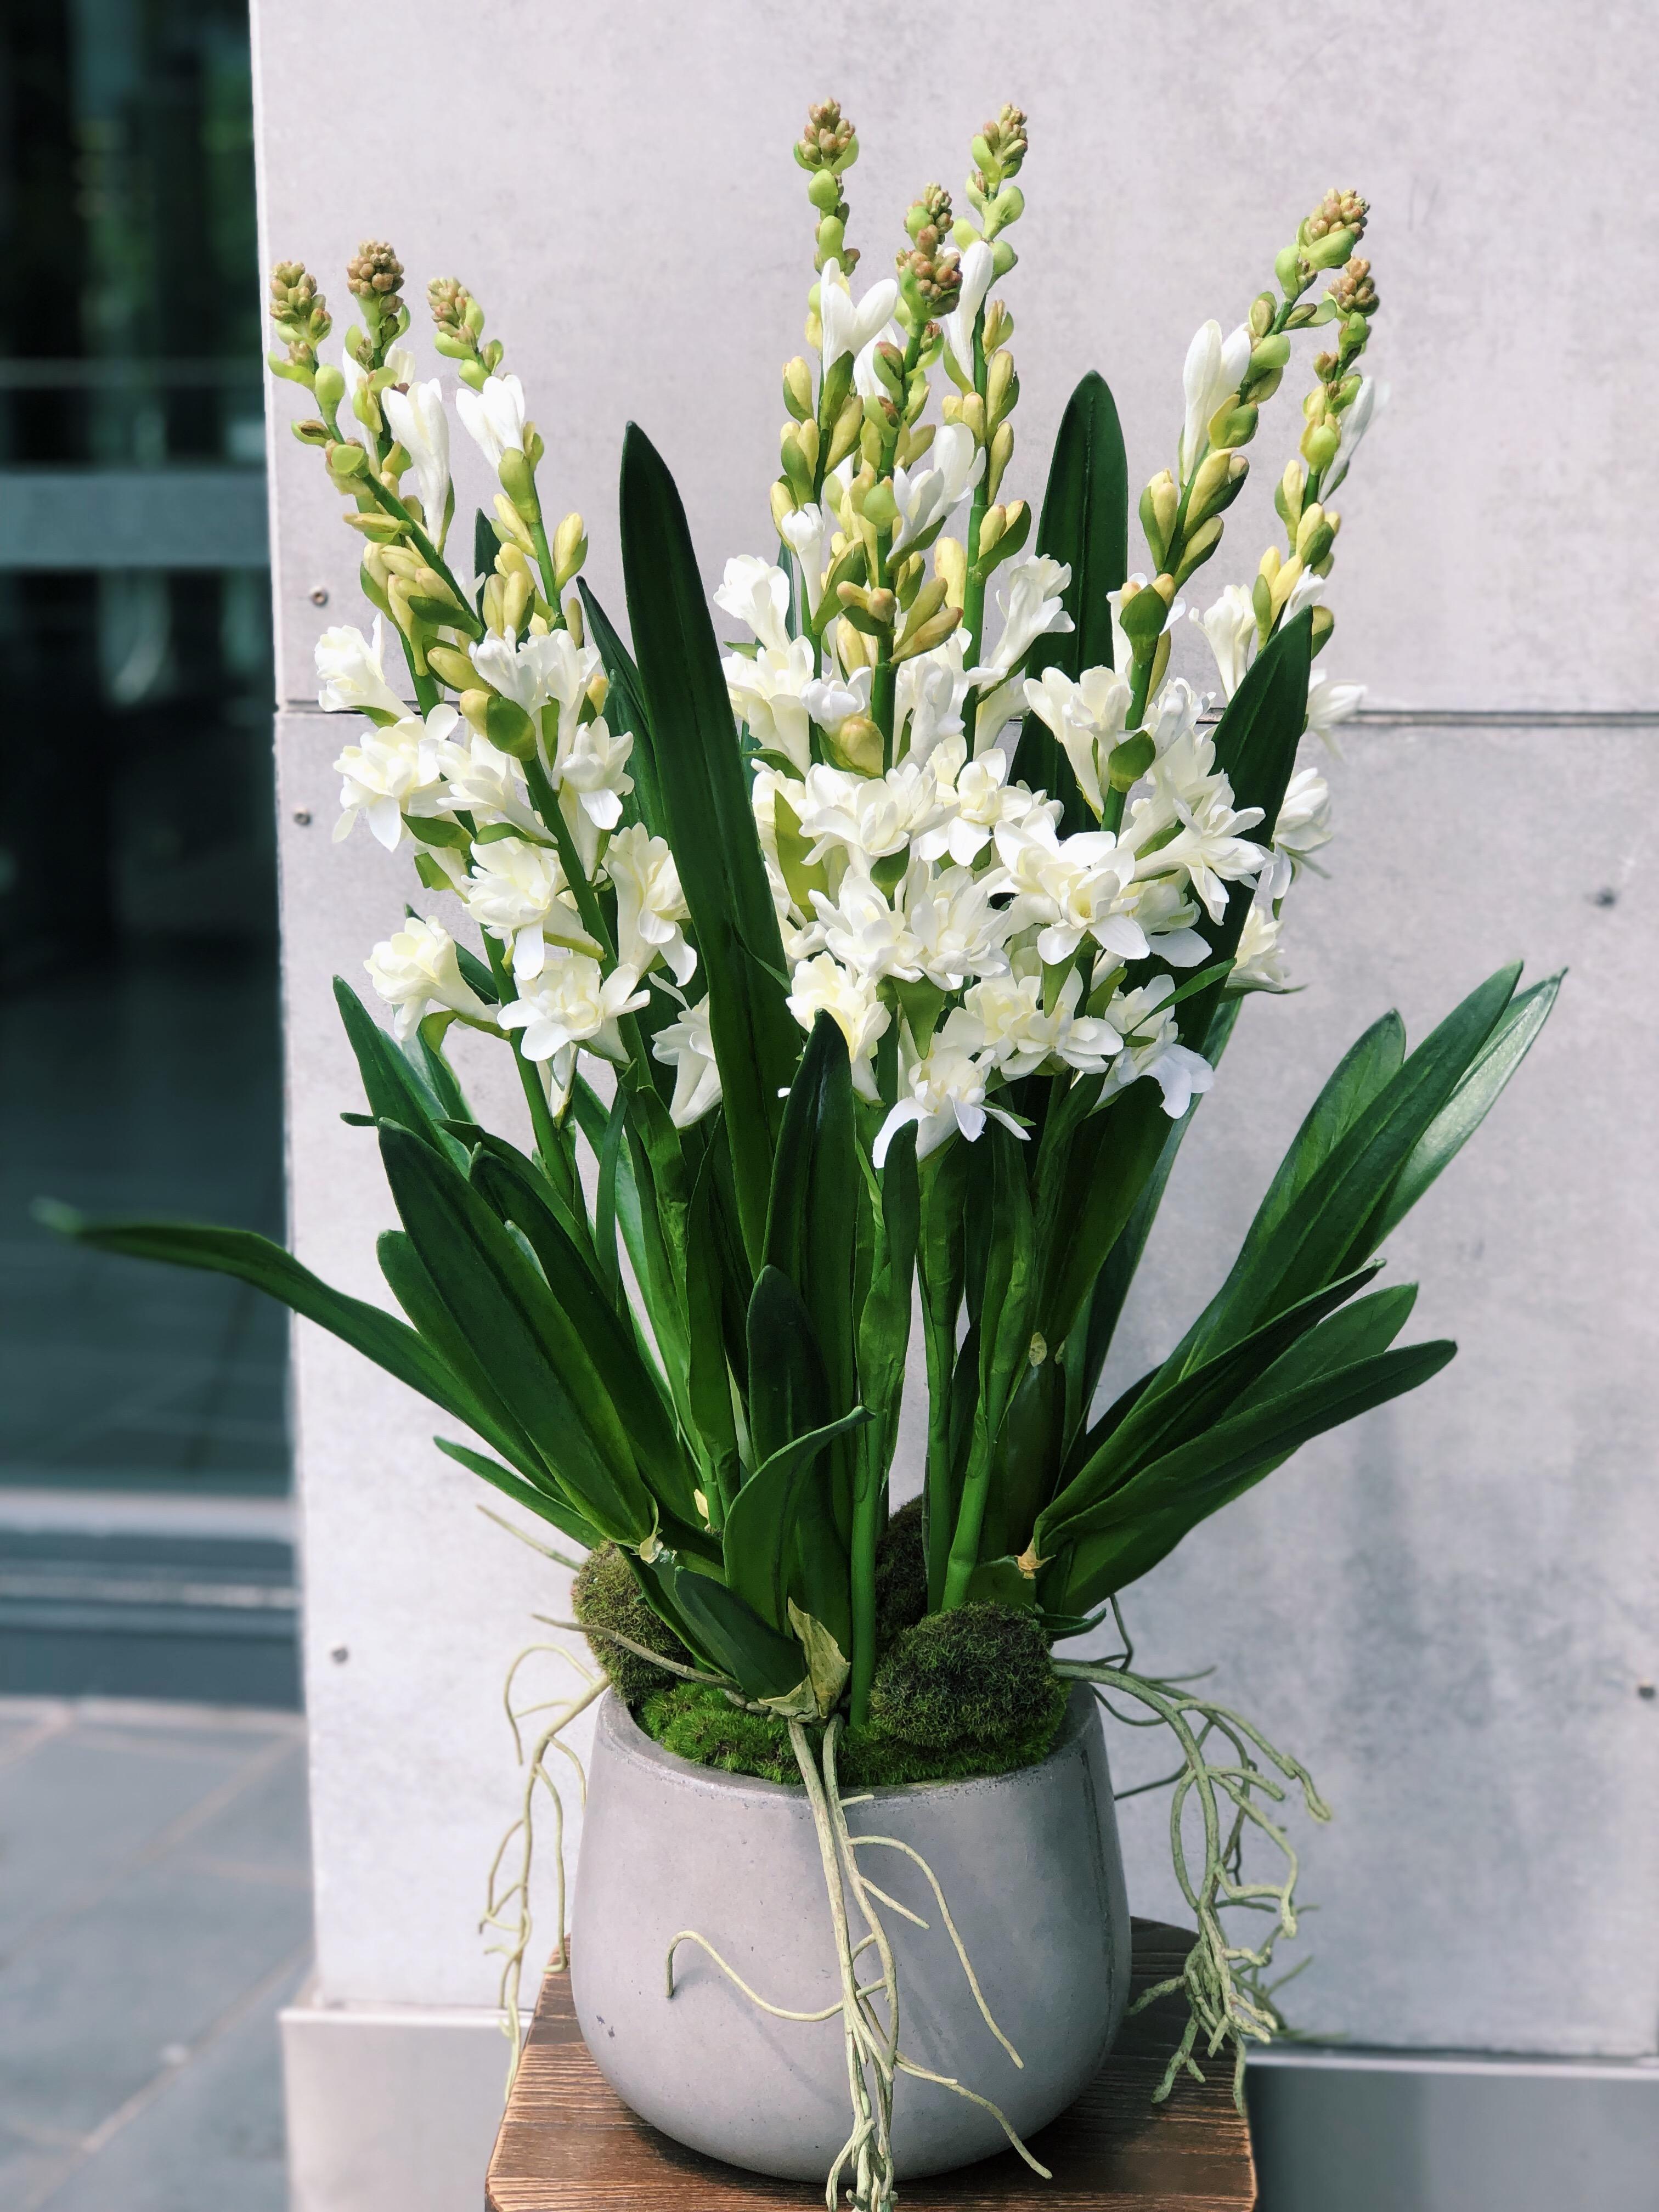 Chậu hoa huệ cực kỳ đẹp